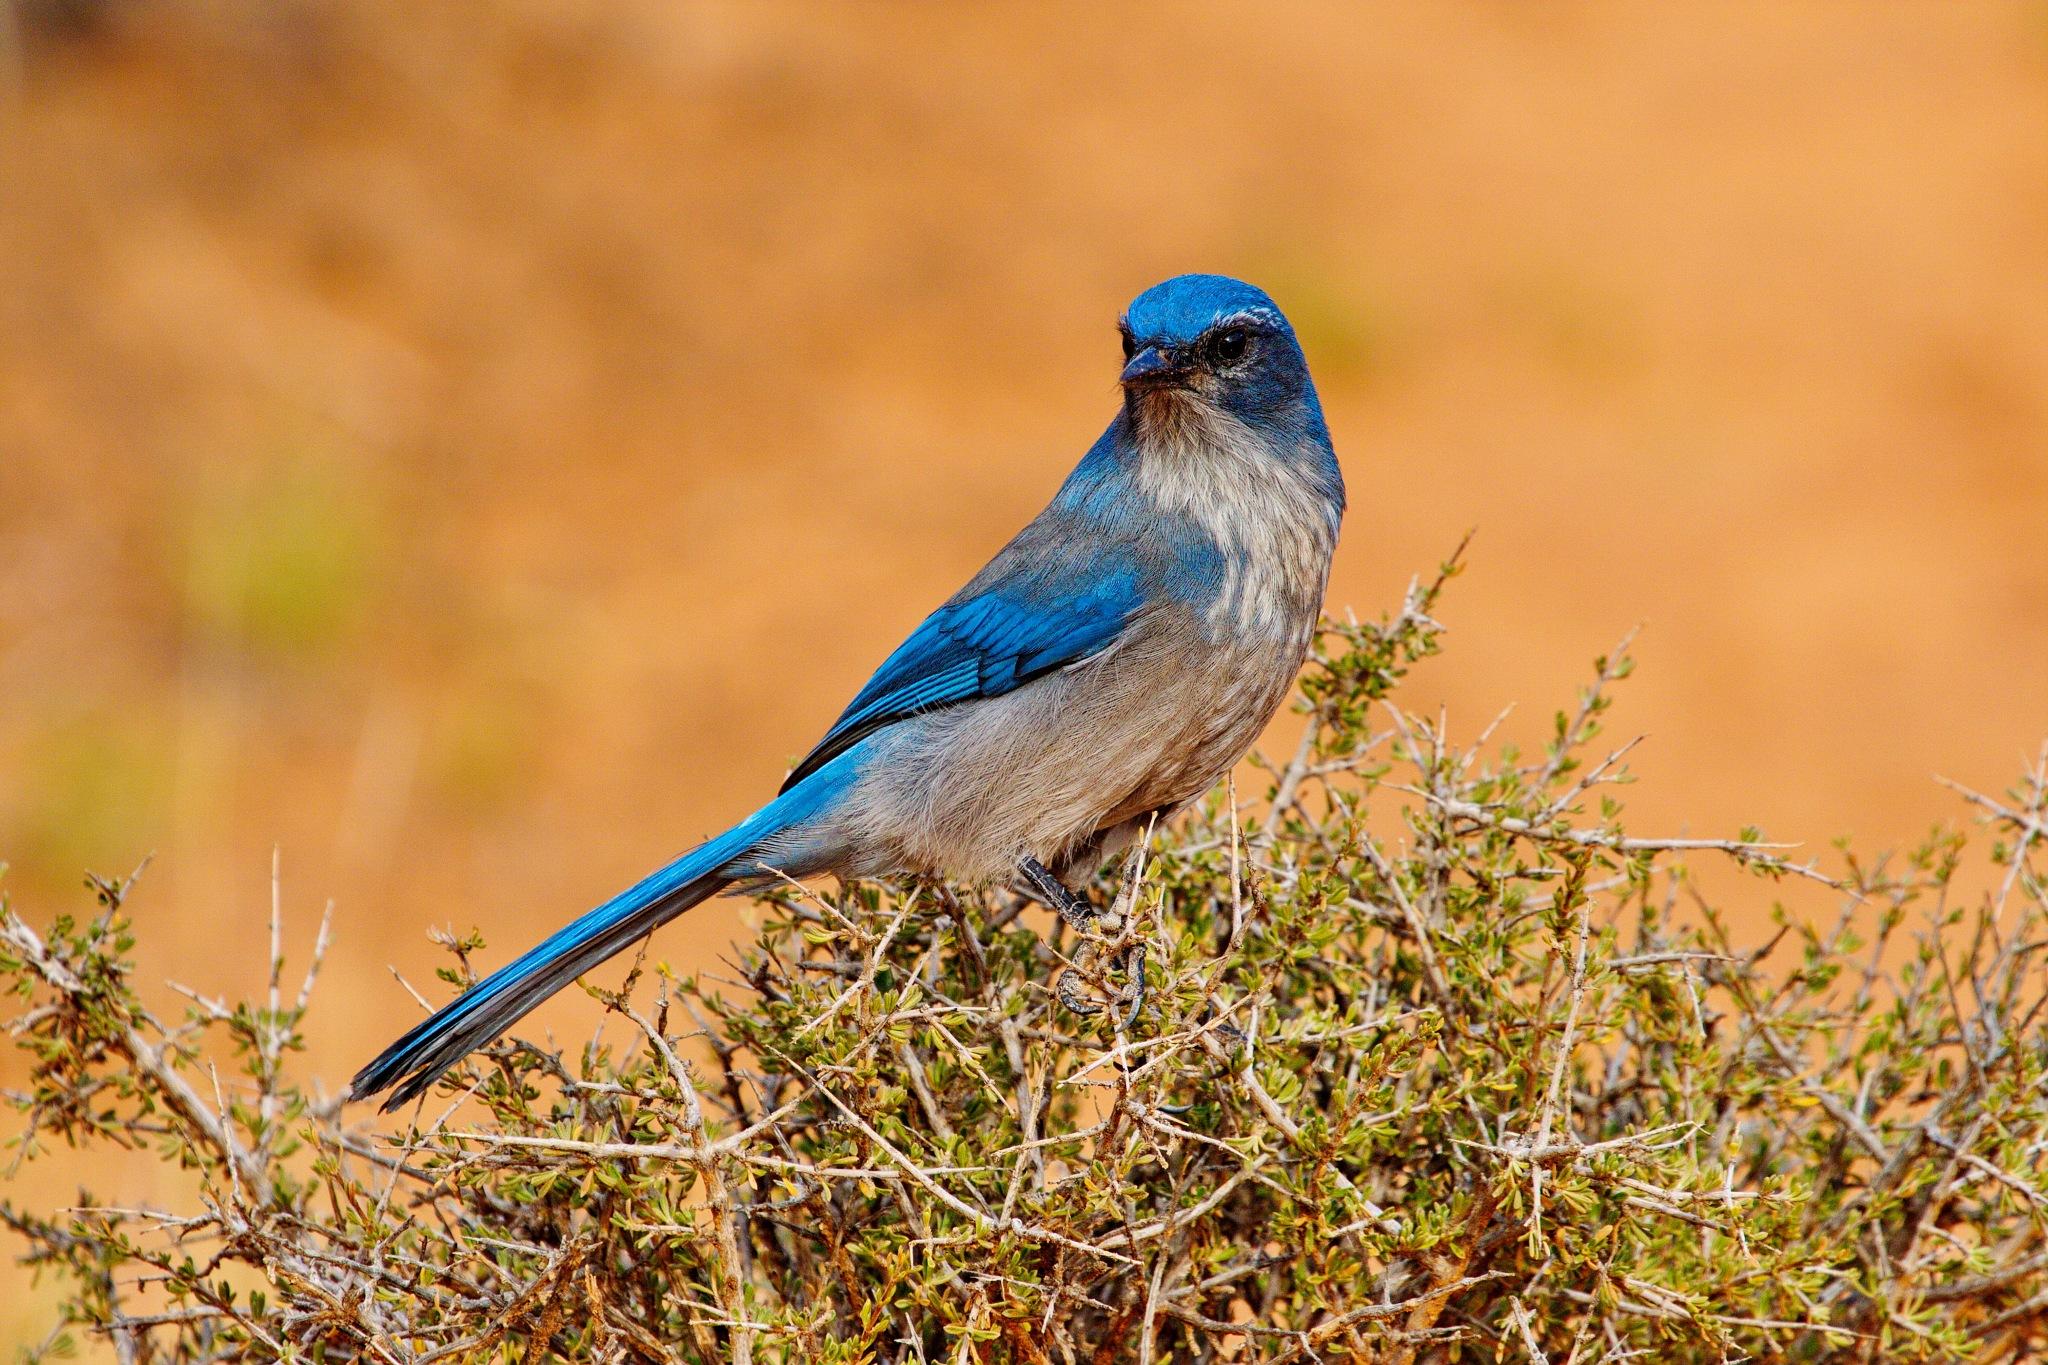 Western Bluebird 2 by daniel.luna.77920